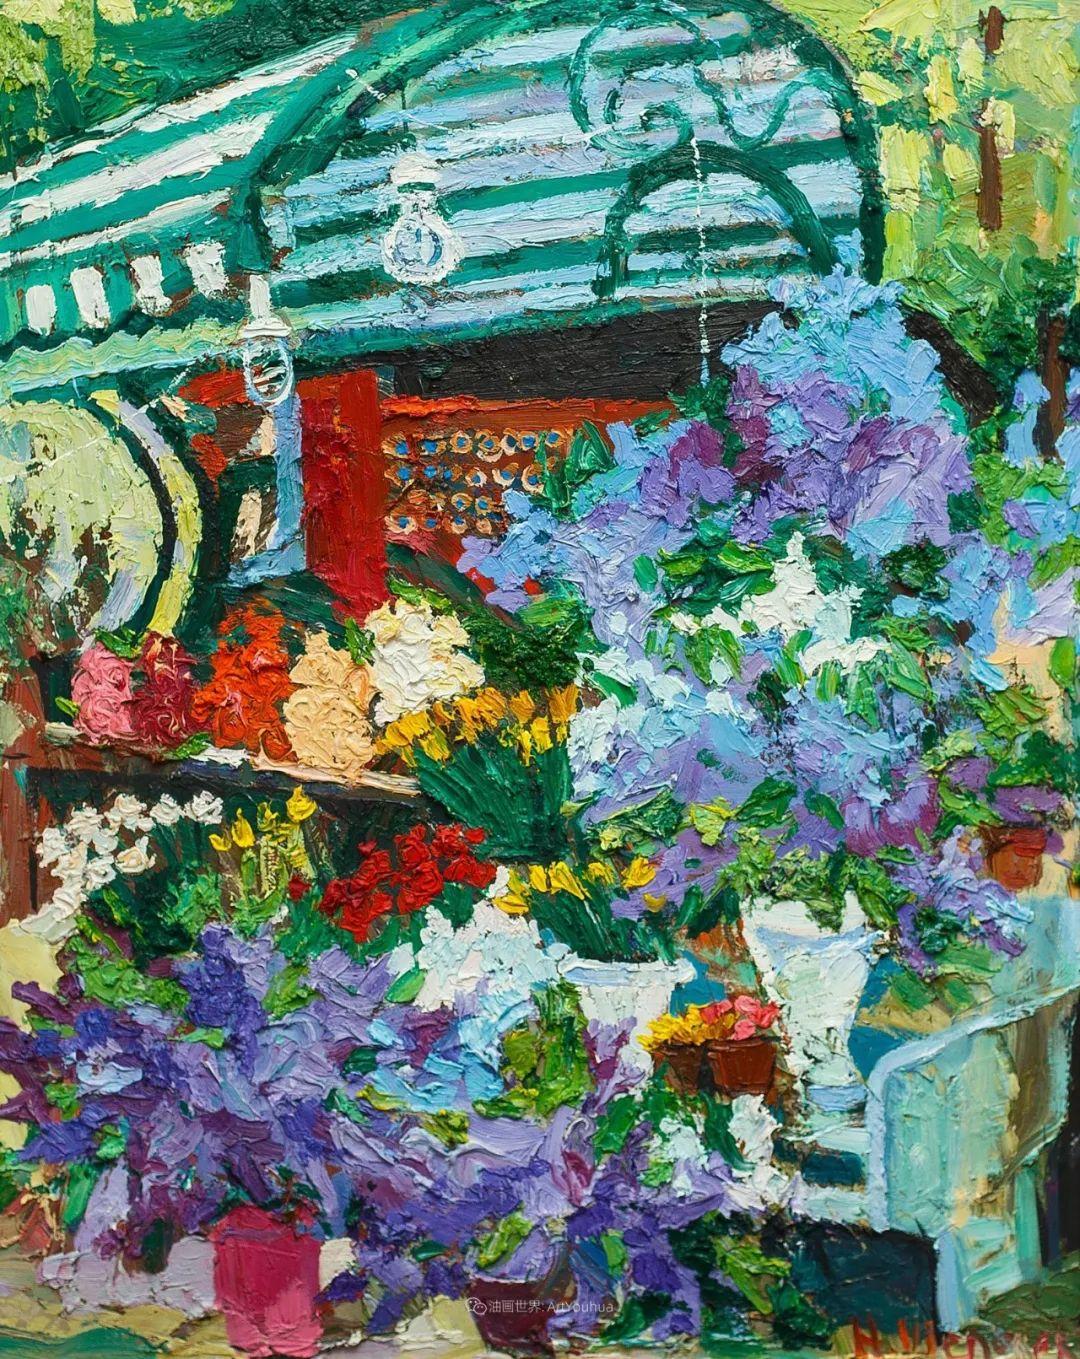 大笔触风景与花卉,色彩靓丽,美轮美奂!插图37